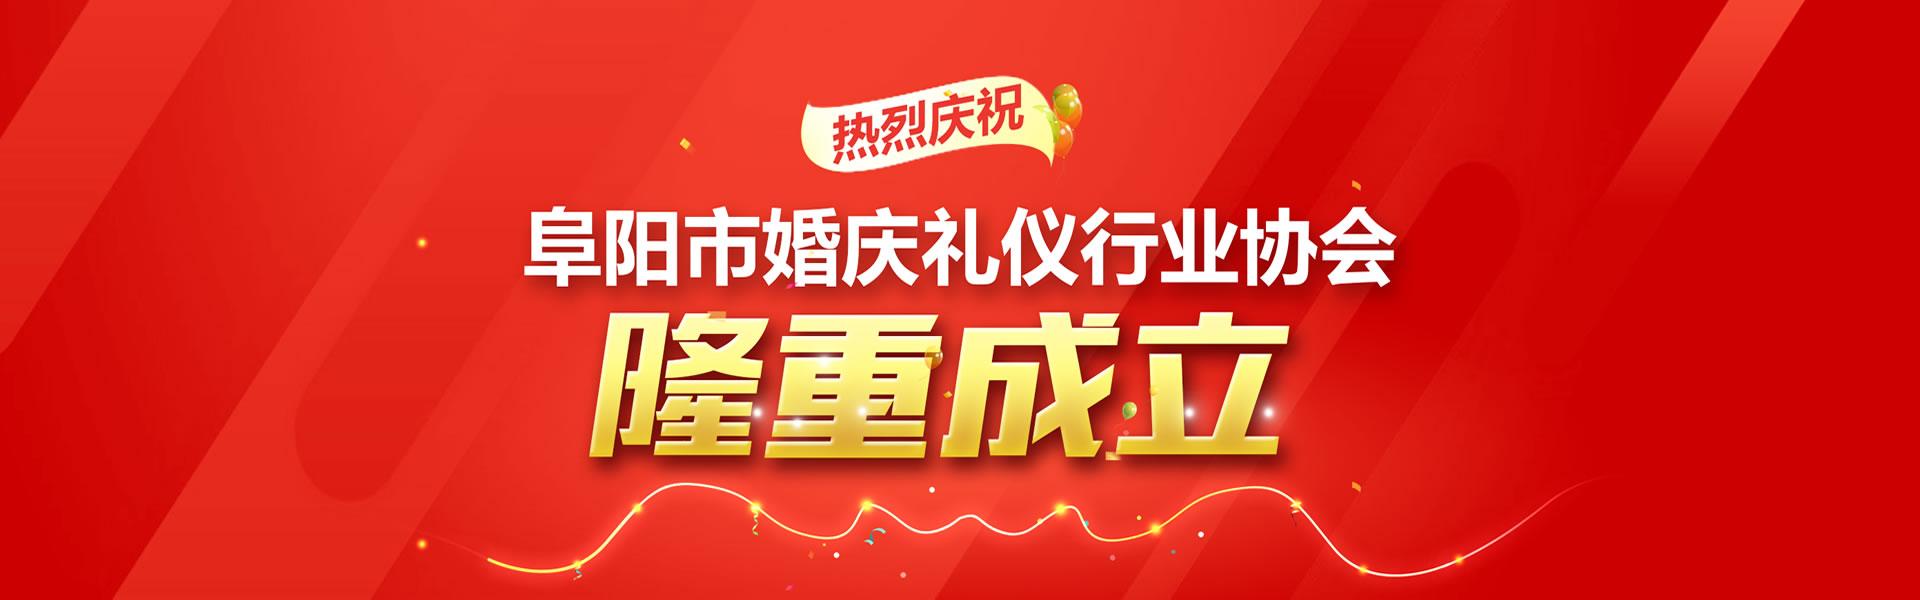 热烈庆祝阜阳市婚庆礼仪行业协会成立